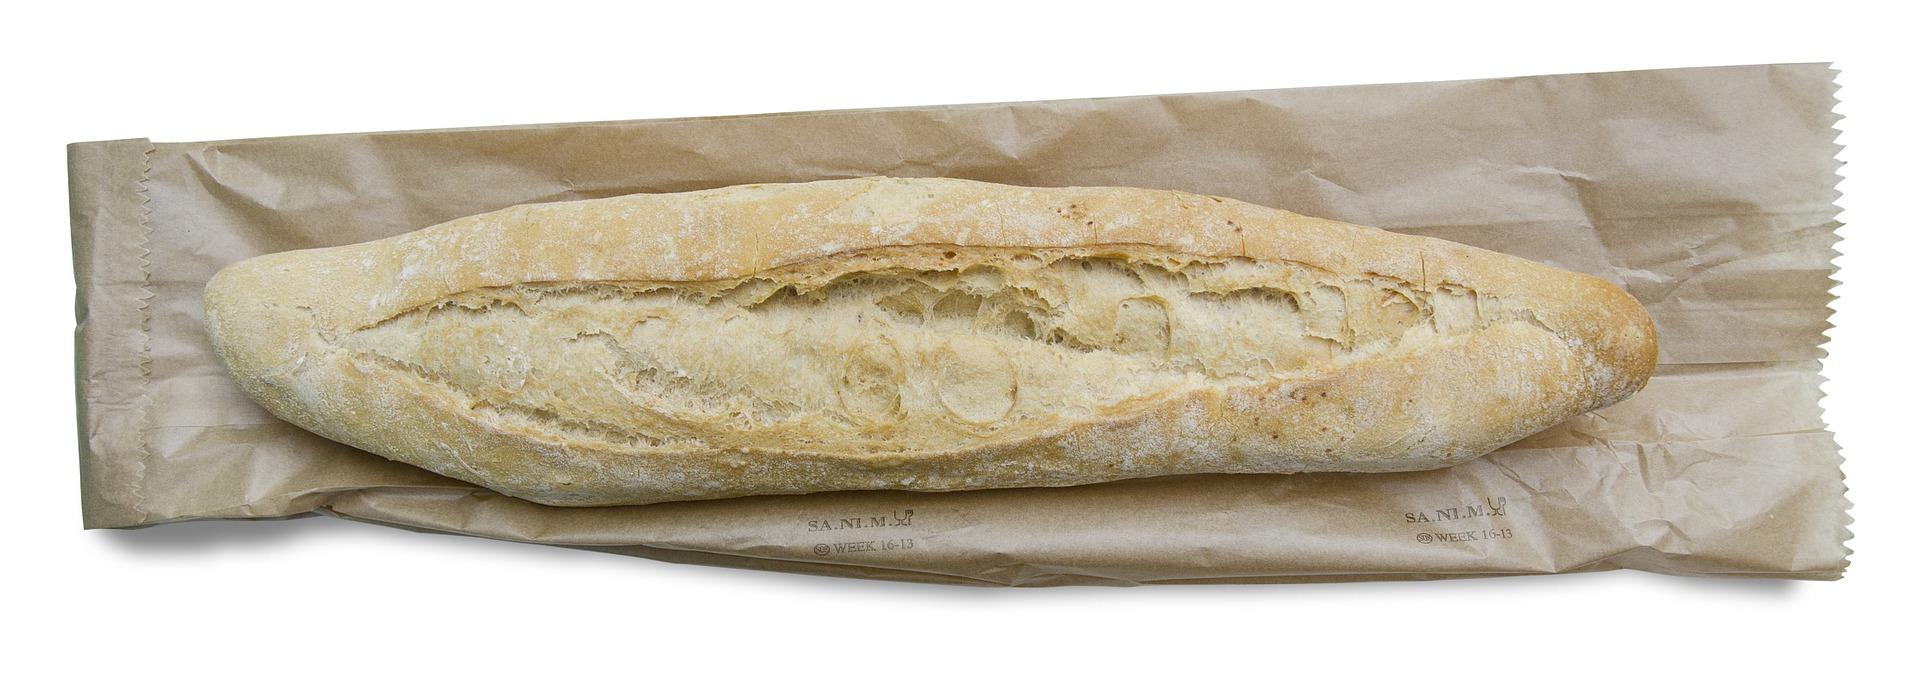 bread-888894_1920.jpg